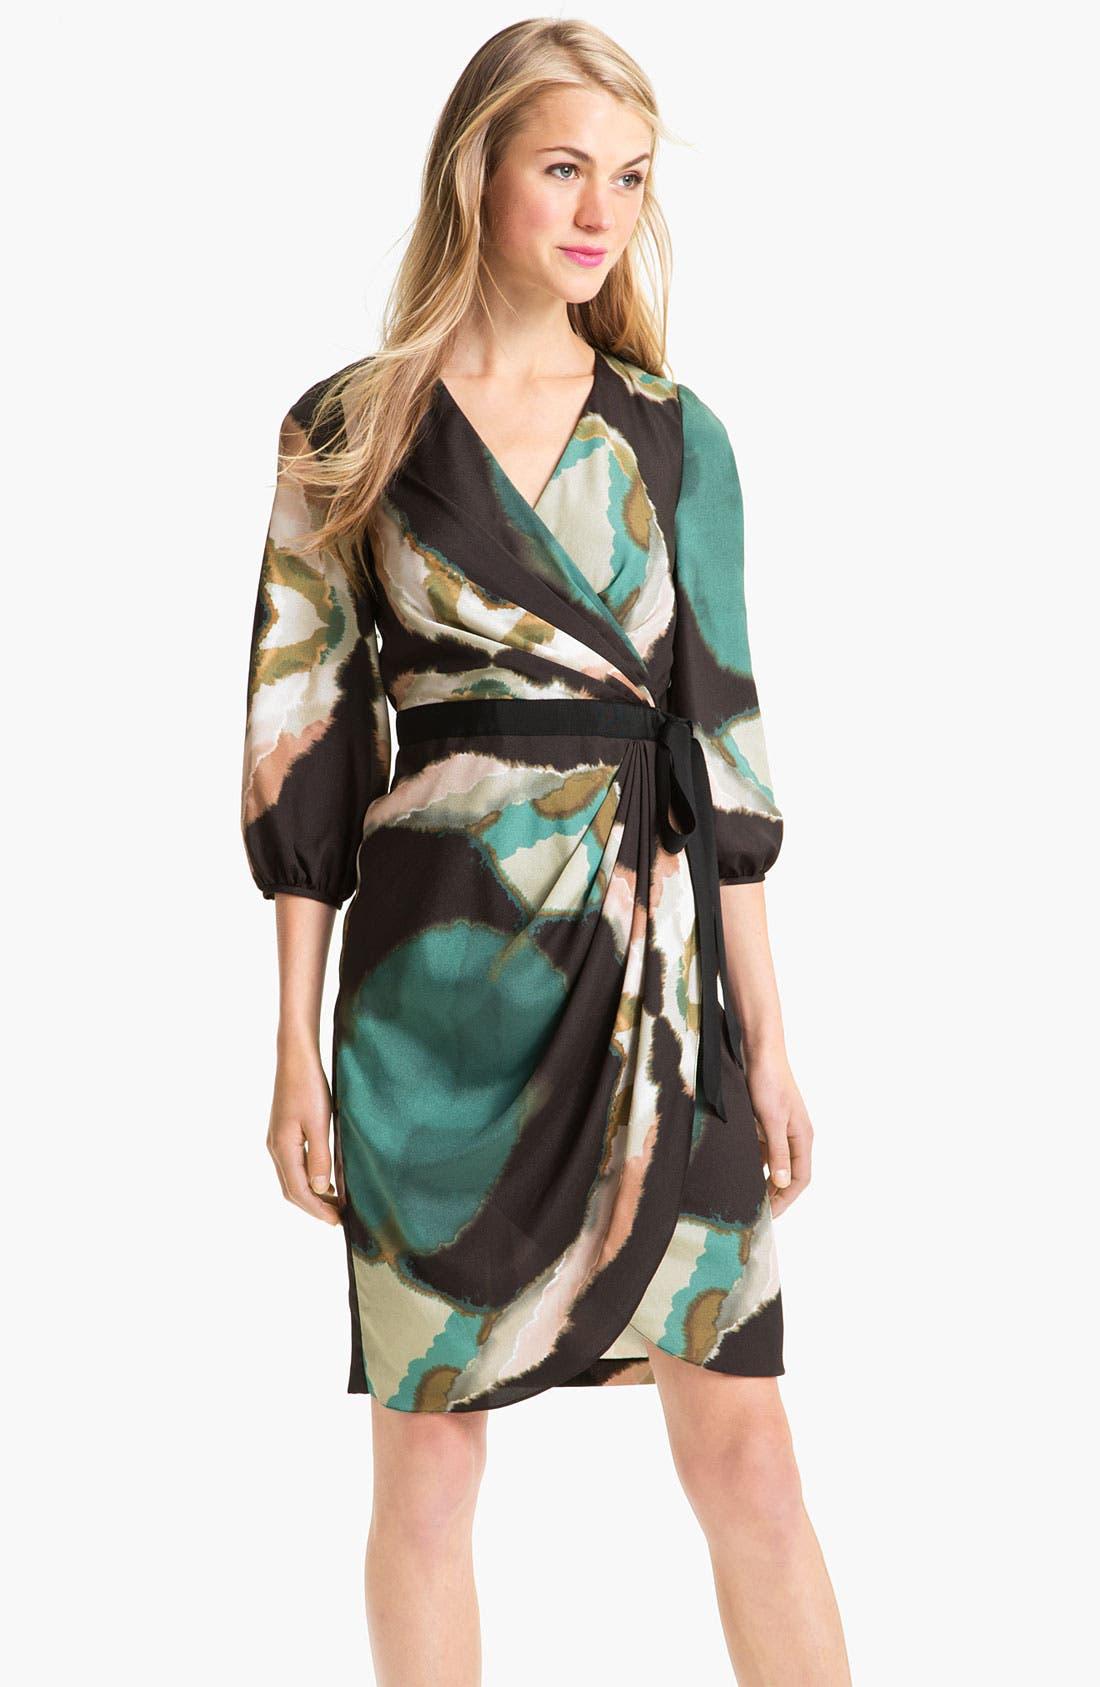 Alternate Image 1 Selected - Maggy London Pleat Front Crêpe de Chine Faux Wrap Dress (Petite)